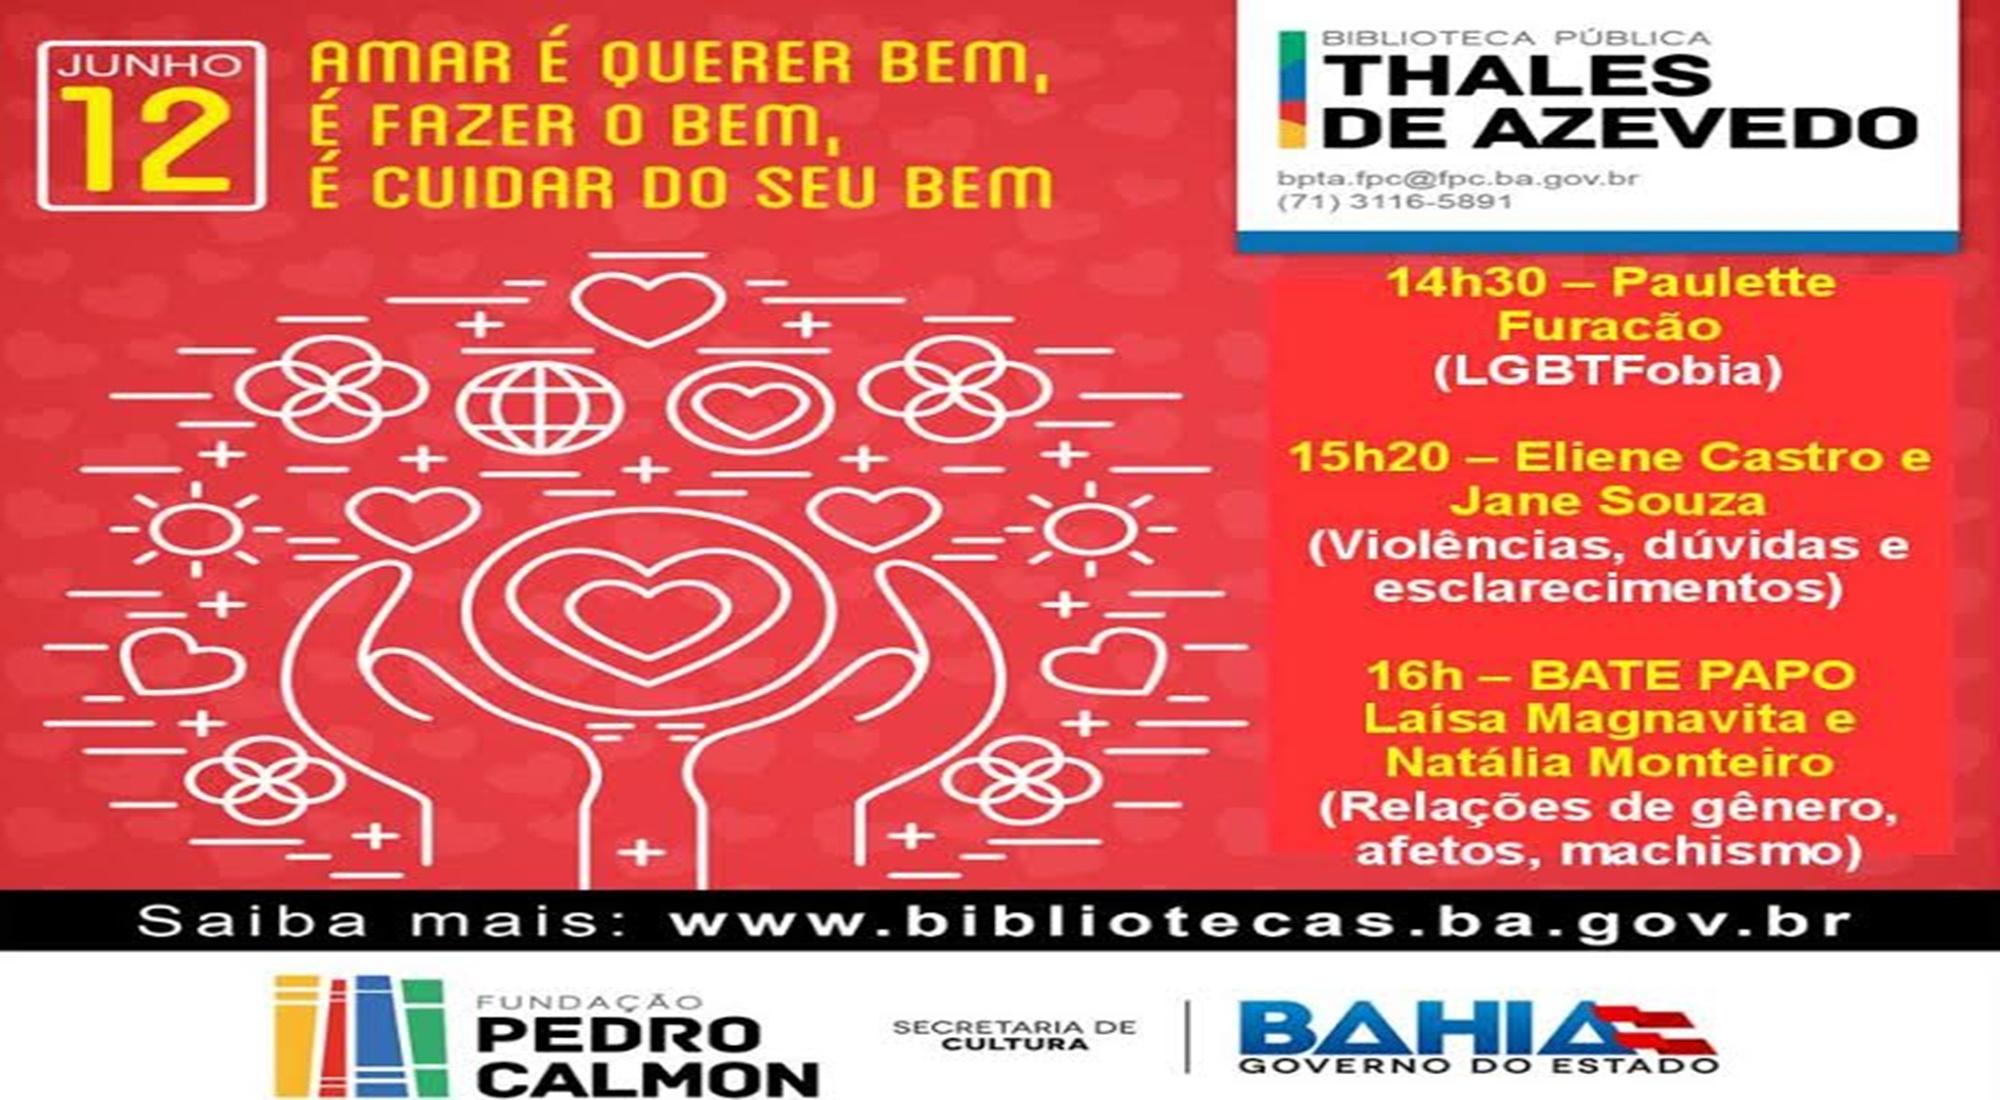 A Biblioteca Pública Thales de Azevedo Realizará Atividades em Comemoração ao Dia dos Namorados